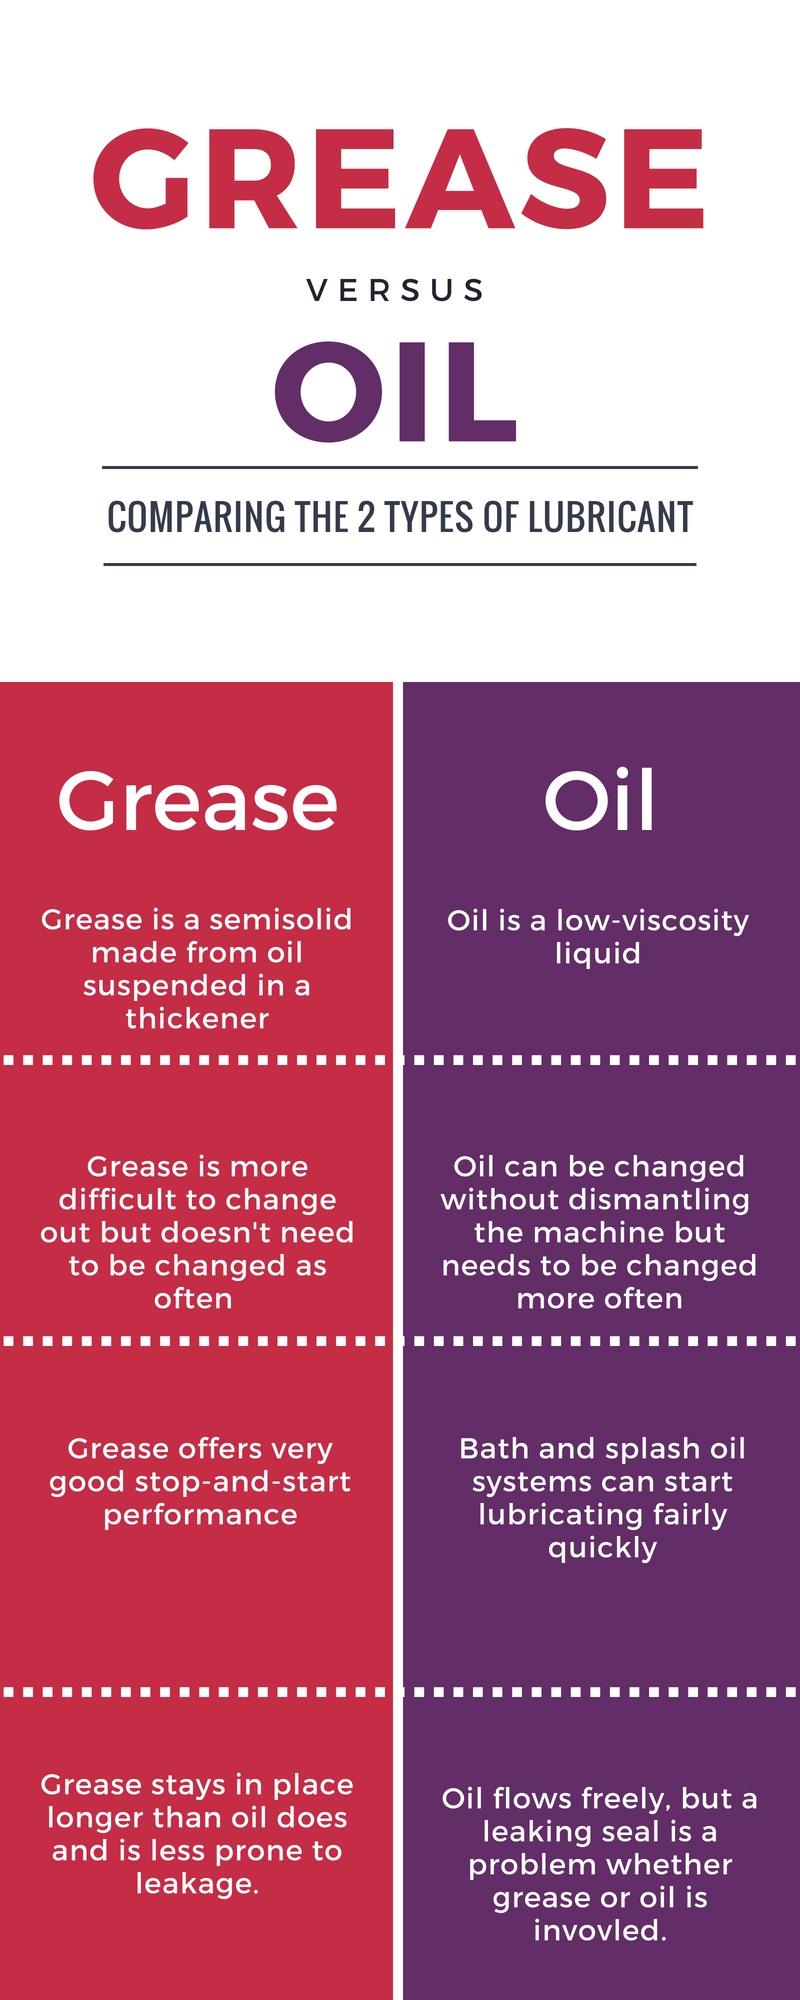 Grease vs Oil